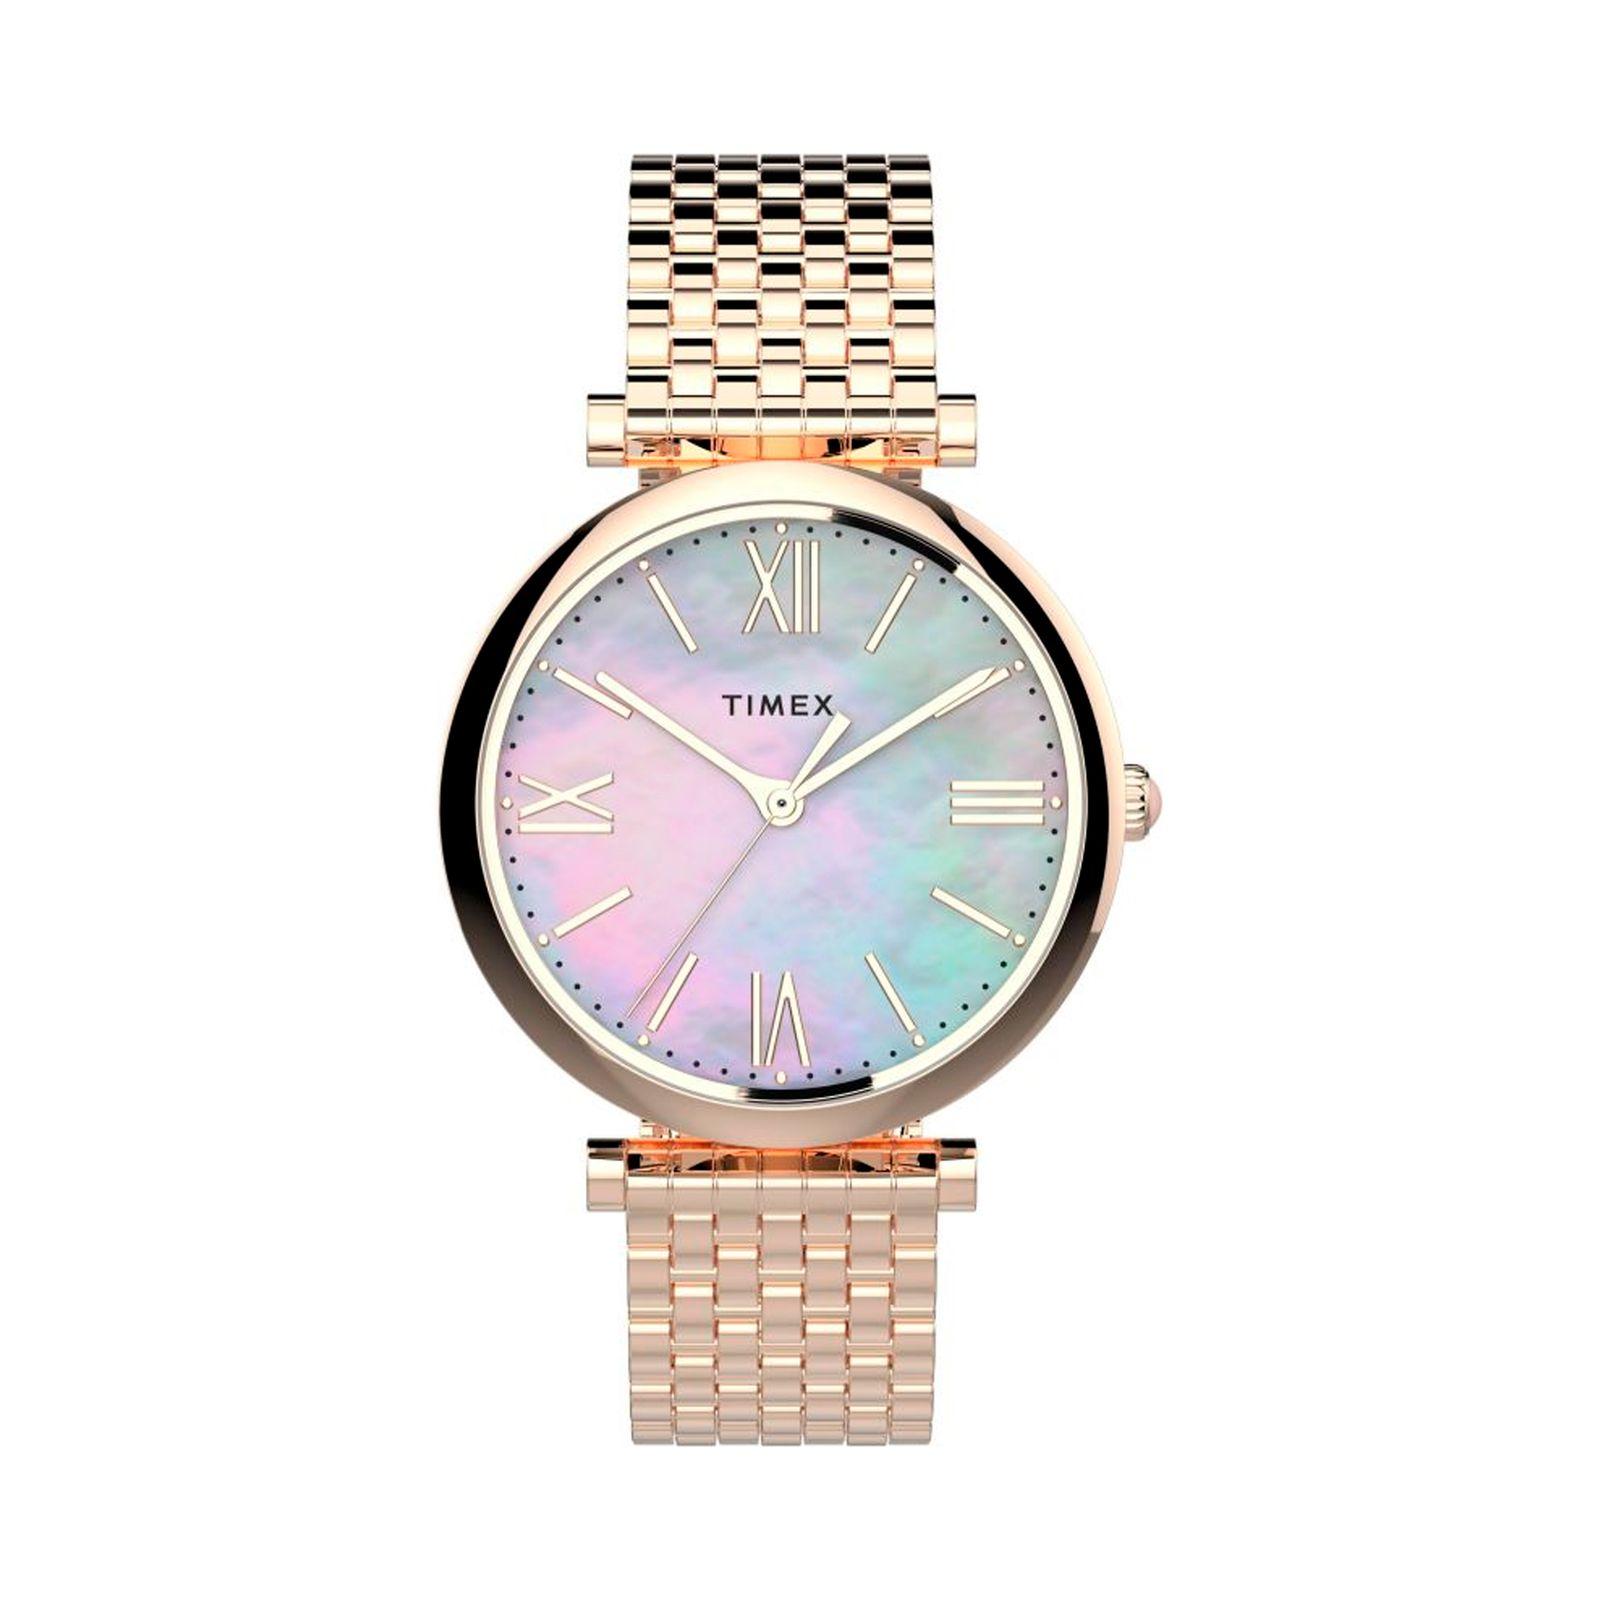 ساعت مچی عقربه ای زنانه تایمکس مدل TW2T79200 -  - 1